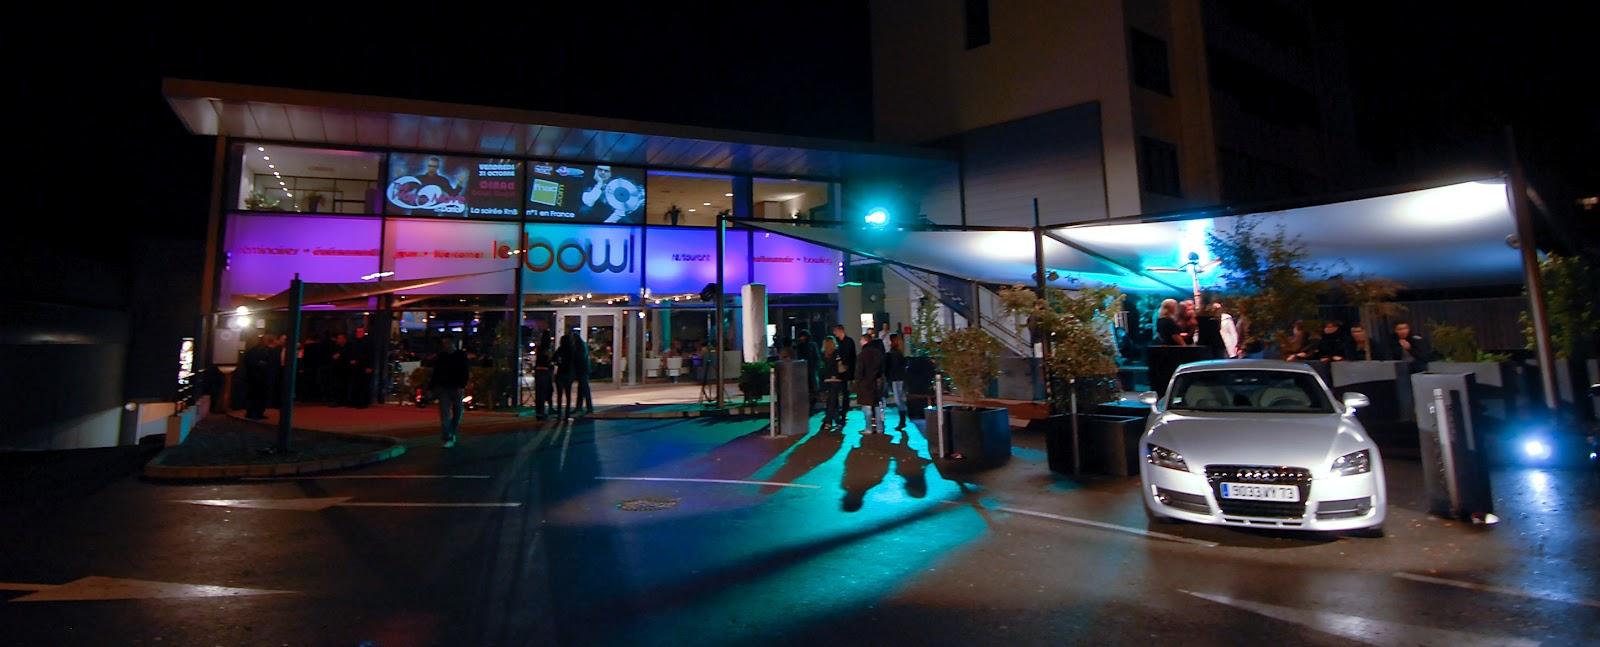 On sort o ce soir annecy annecy le vieux - Restaurant avenue du petit port annecy ...